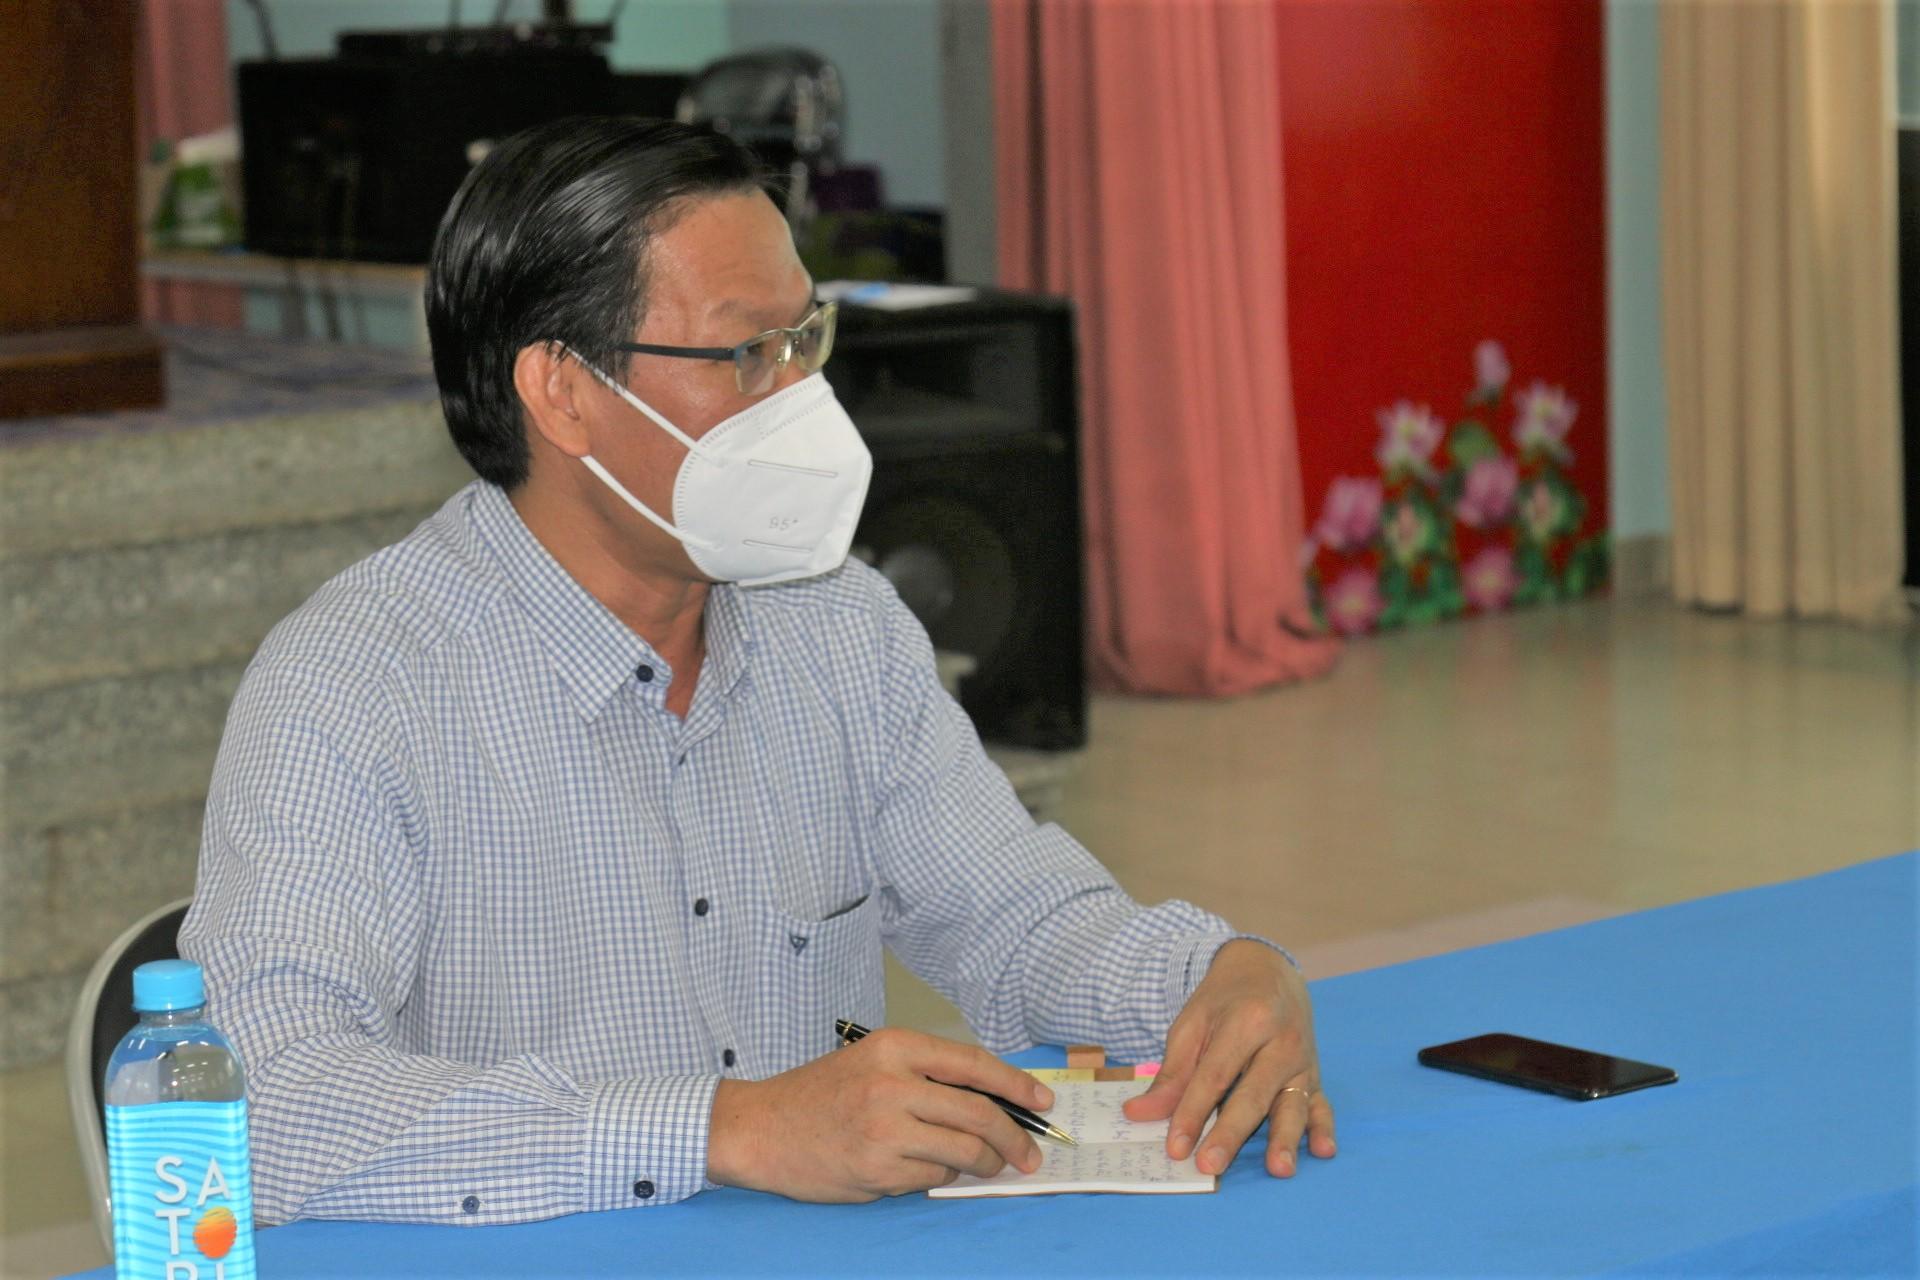 Phó bí thư Thường trực Thành ủy TPHCM Phan Văn Mãi làm việc tại UBND phường 7, quận 8